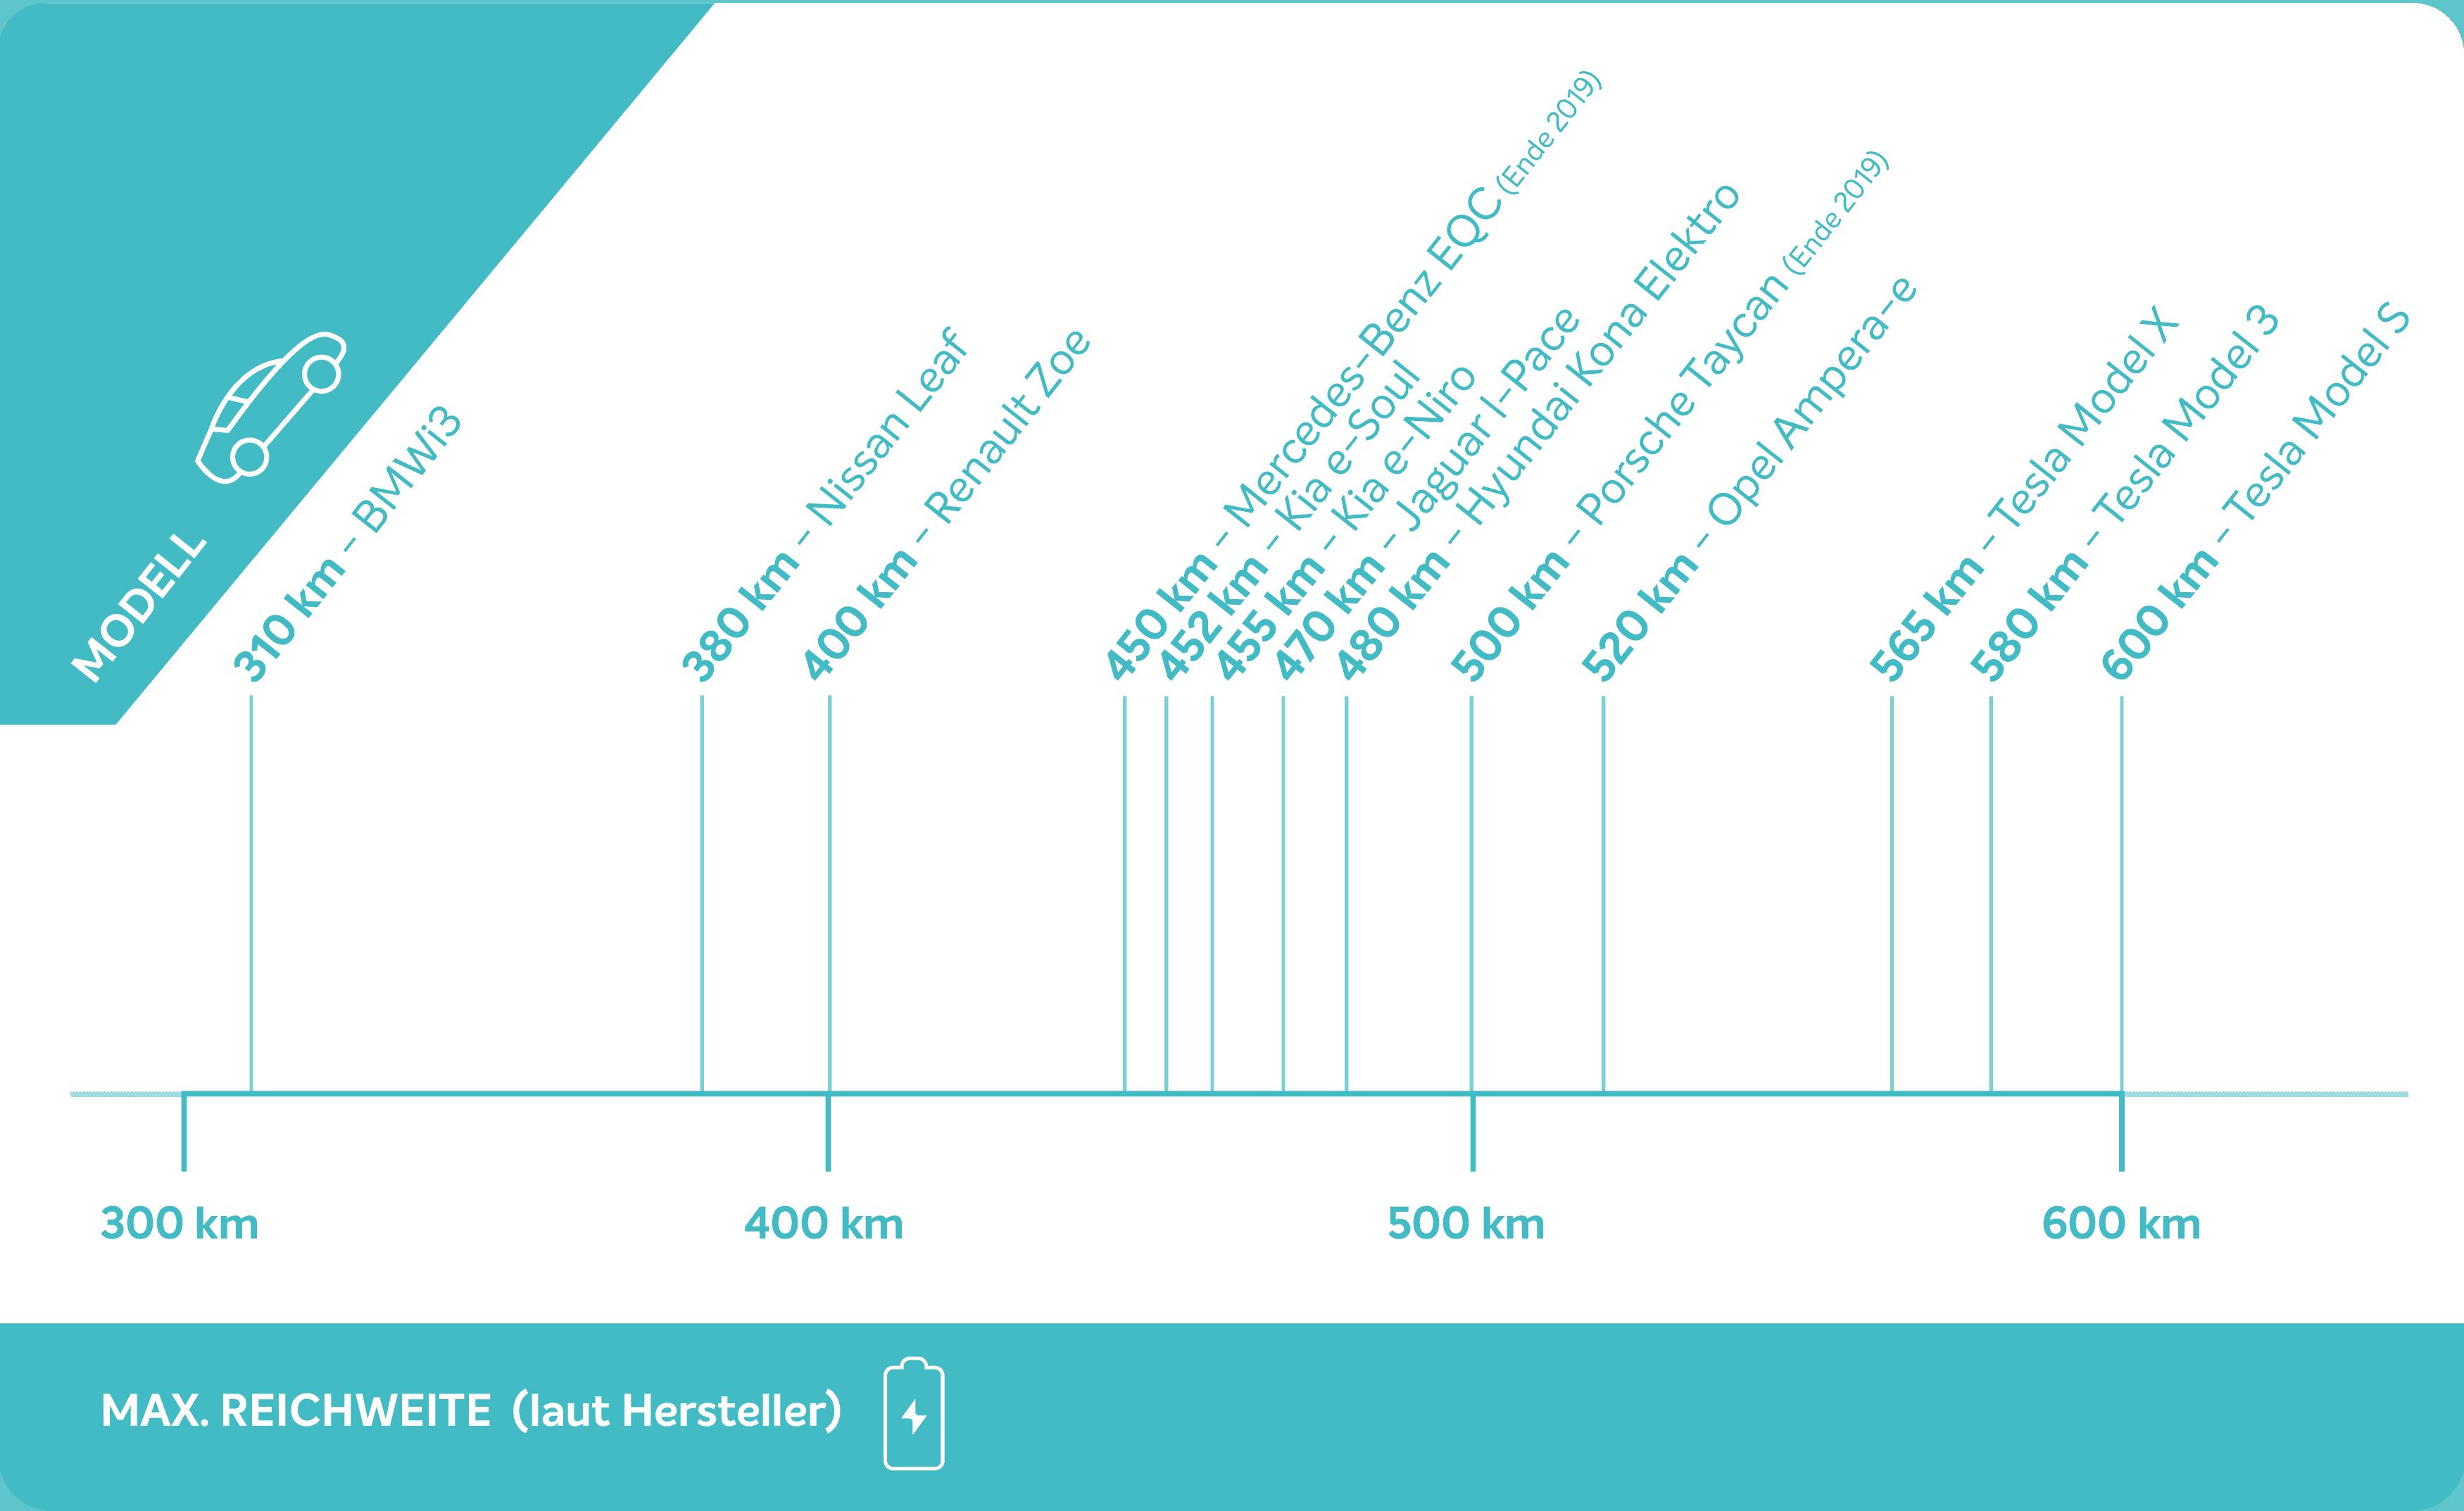 Reichweitenvergleich Elektroautos